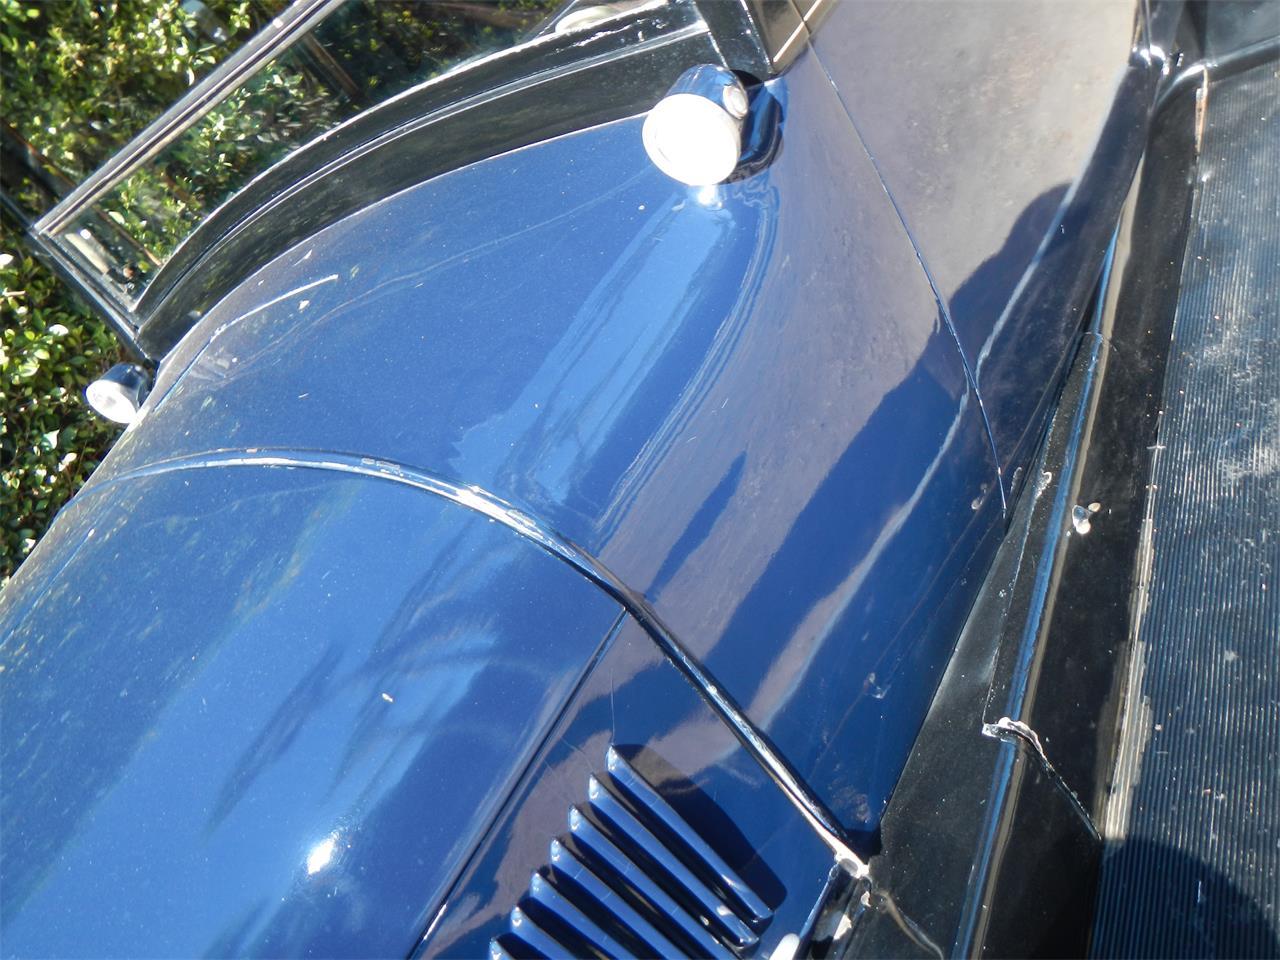 1924 Cadillac V-63 | Cadillac | SuperCars.net